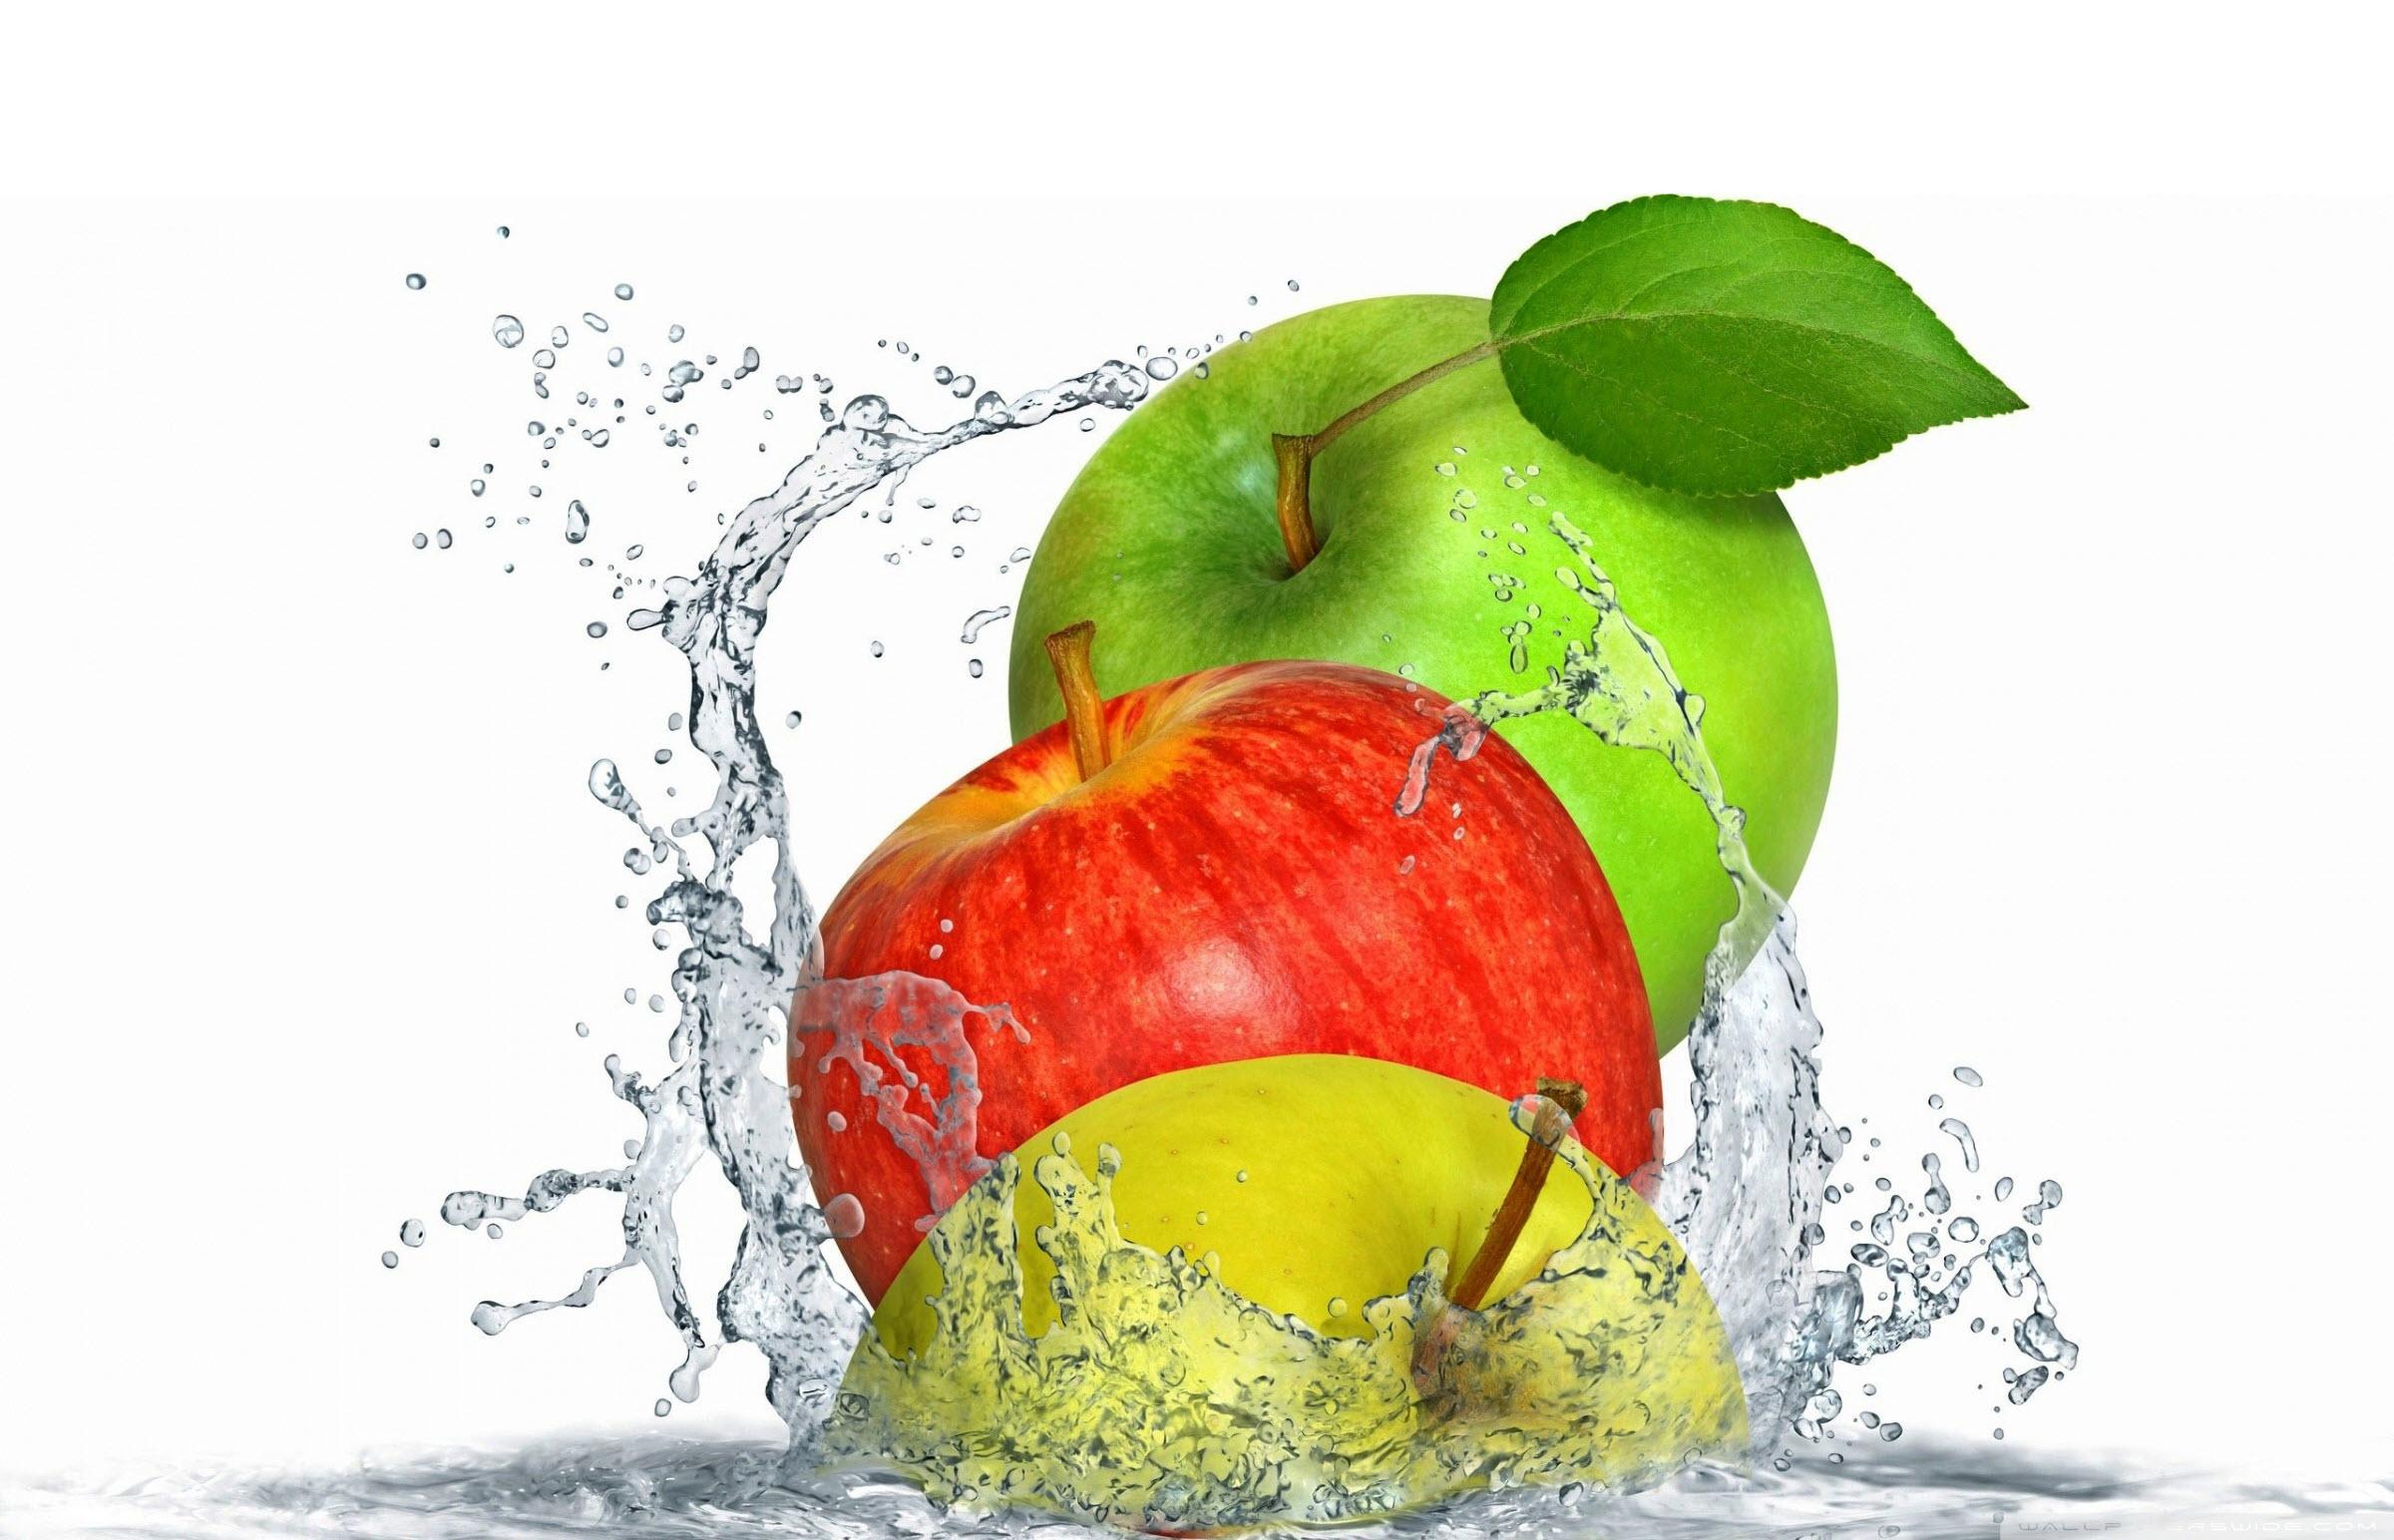 Hình ảnh quả táo cực đẹp